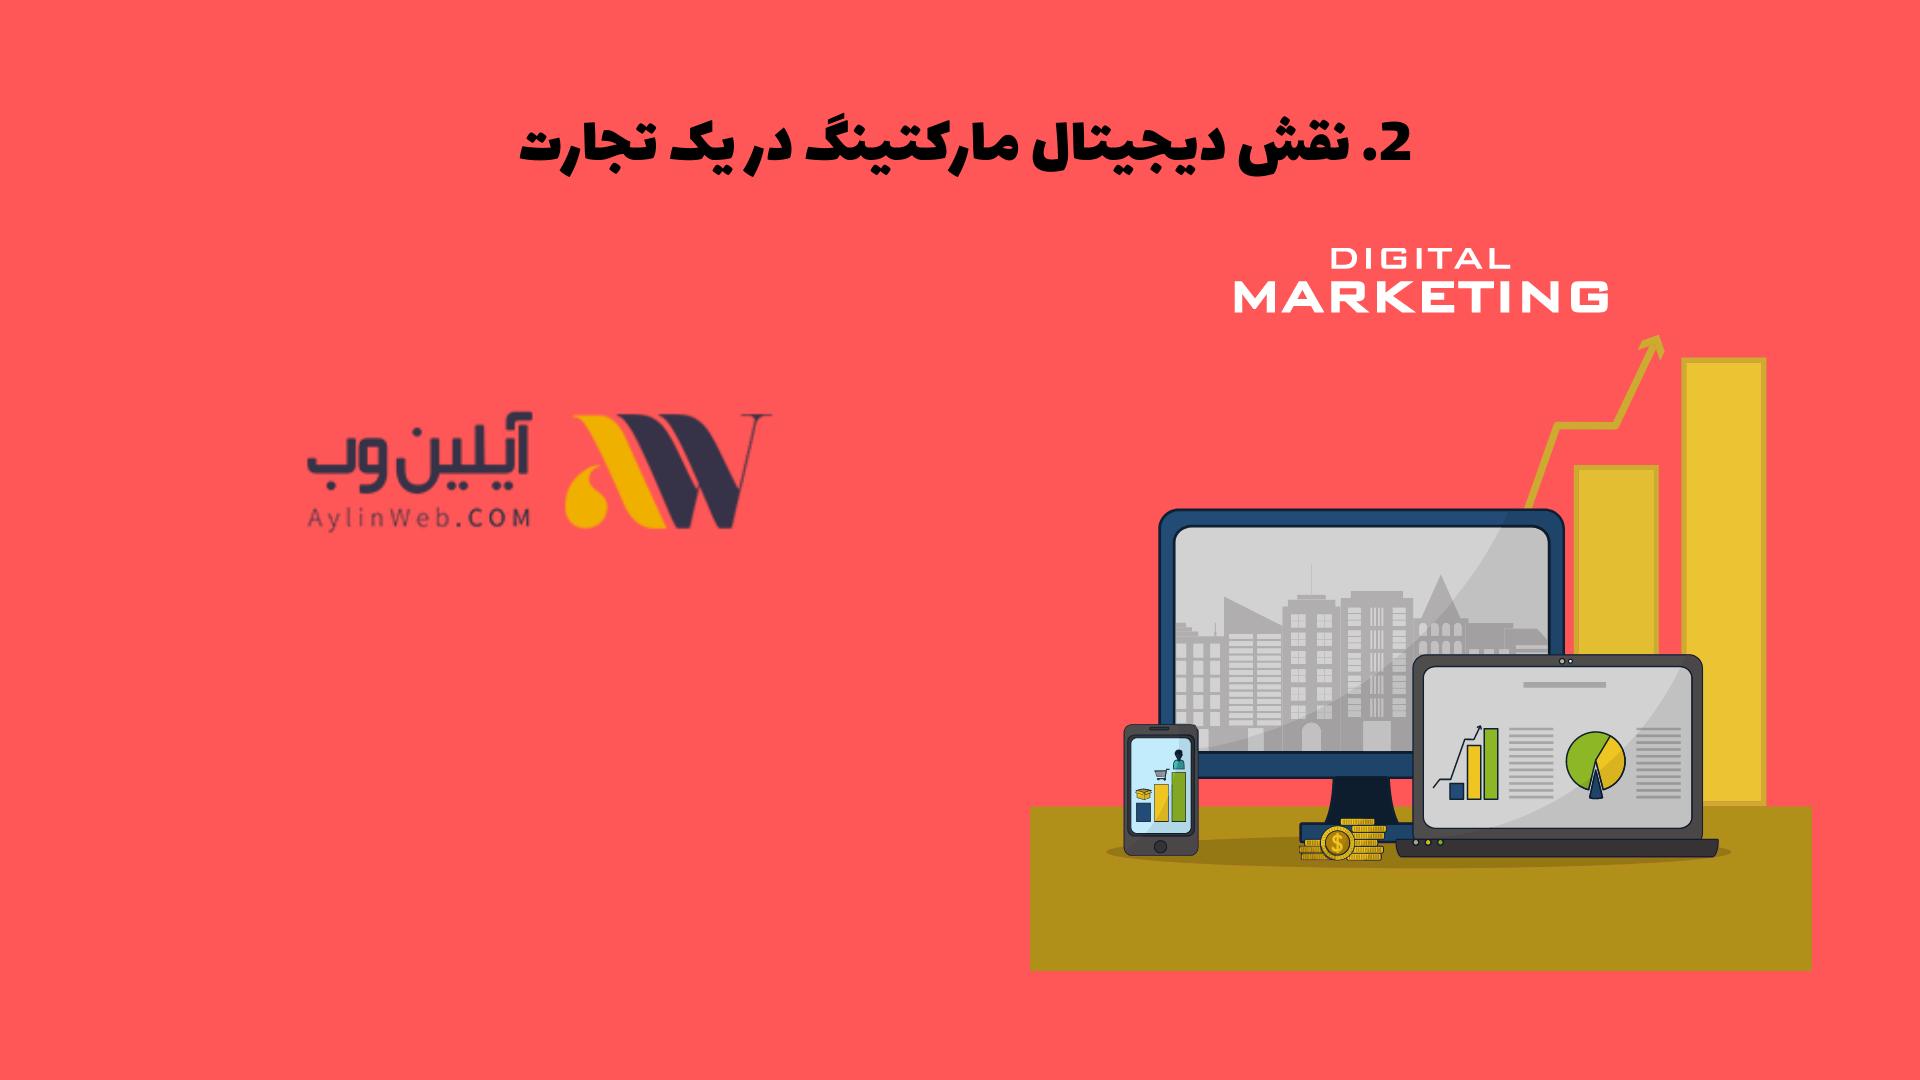 نقش دیجیتال مارکتینگ در یک تجارت